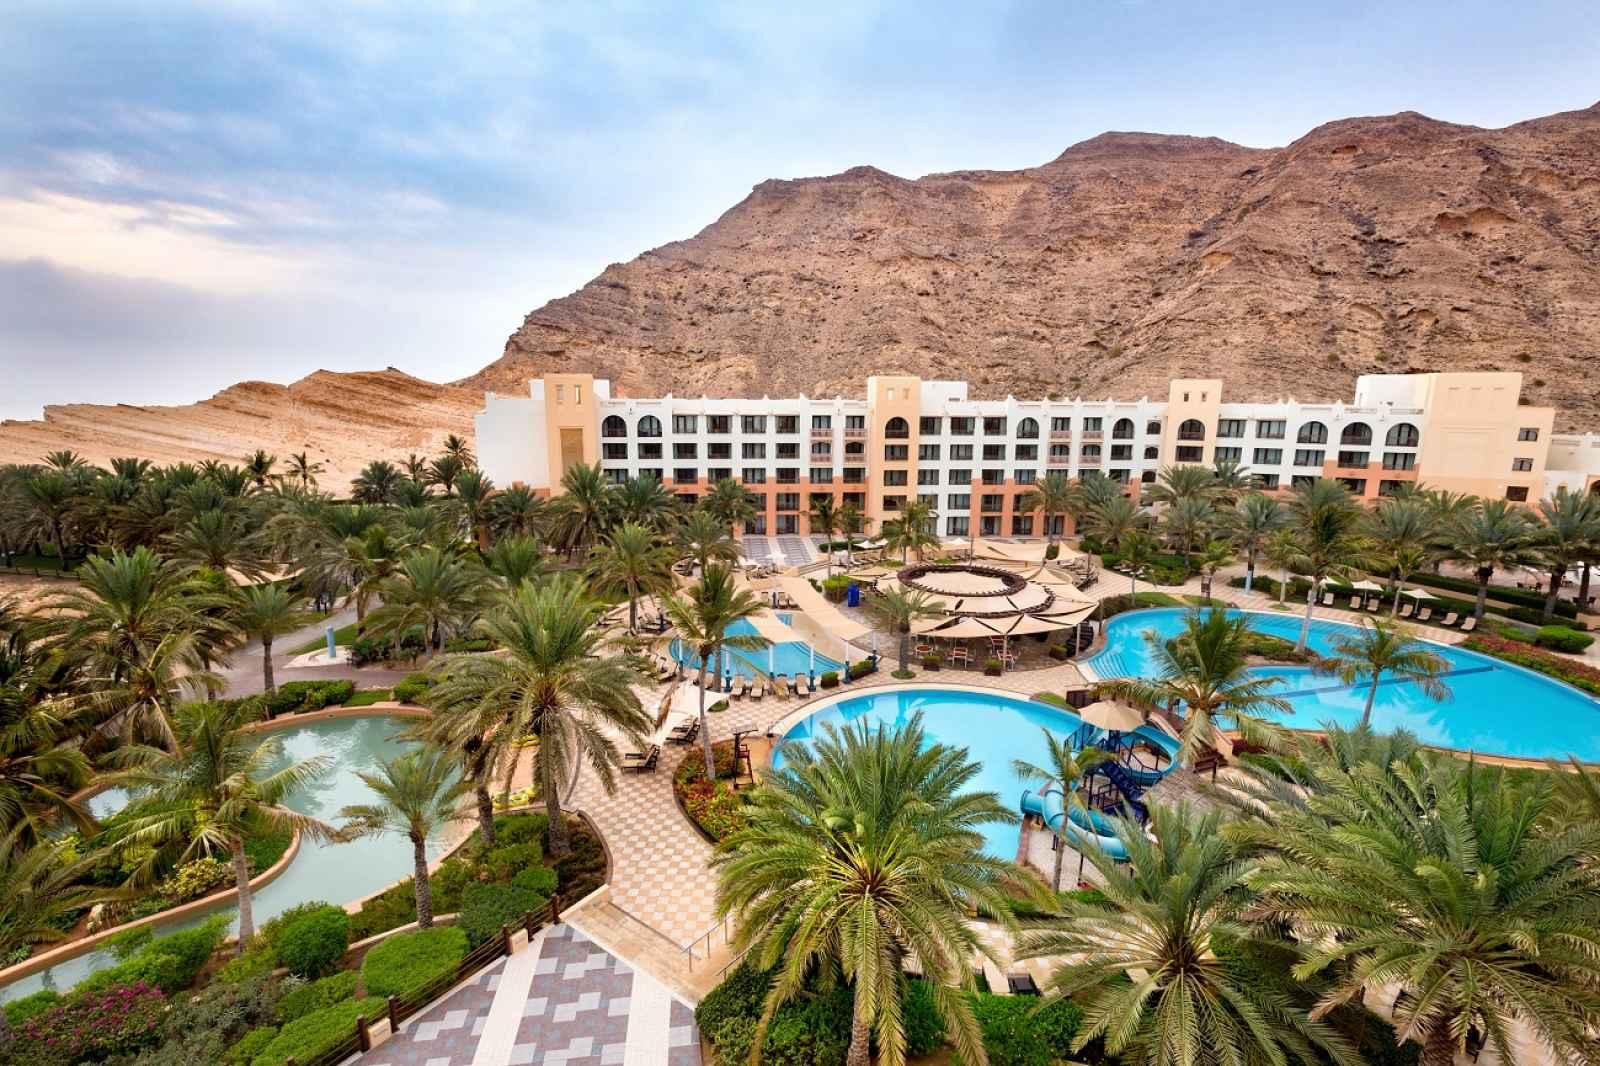 Al Waha at Shangri-La's Barr Al Jissah Resort & Spa